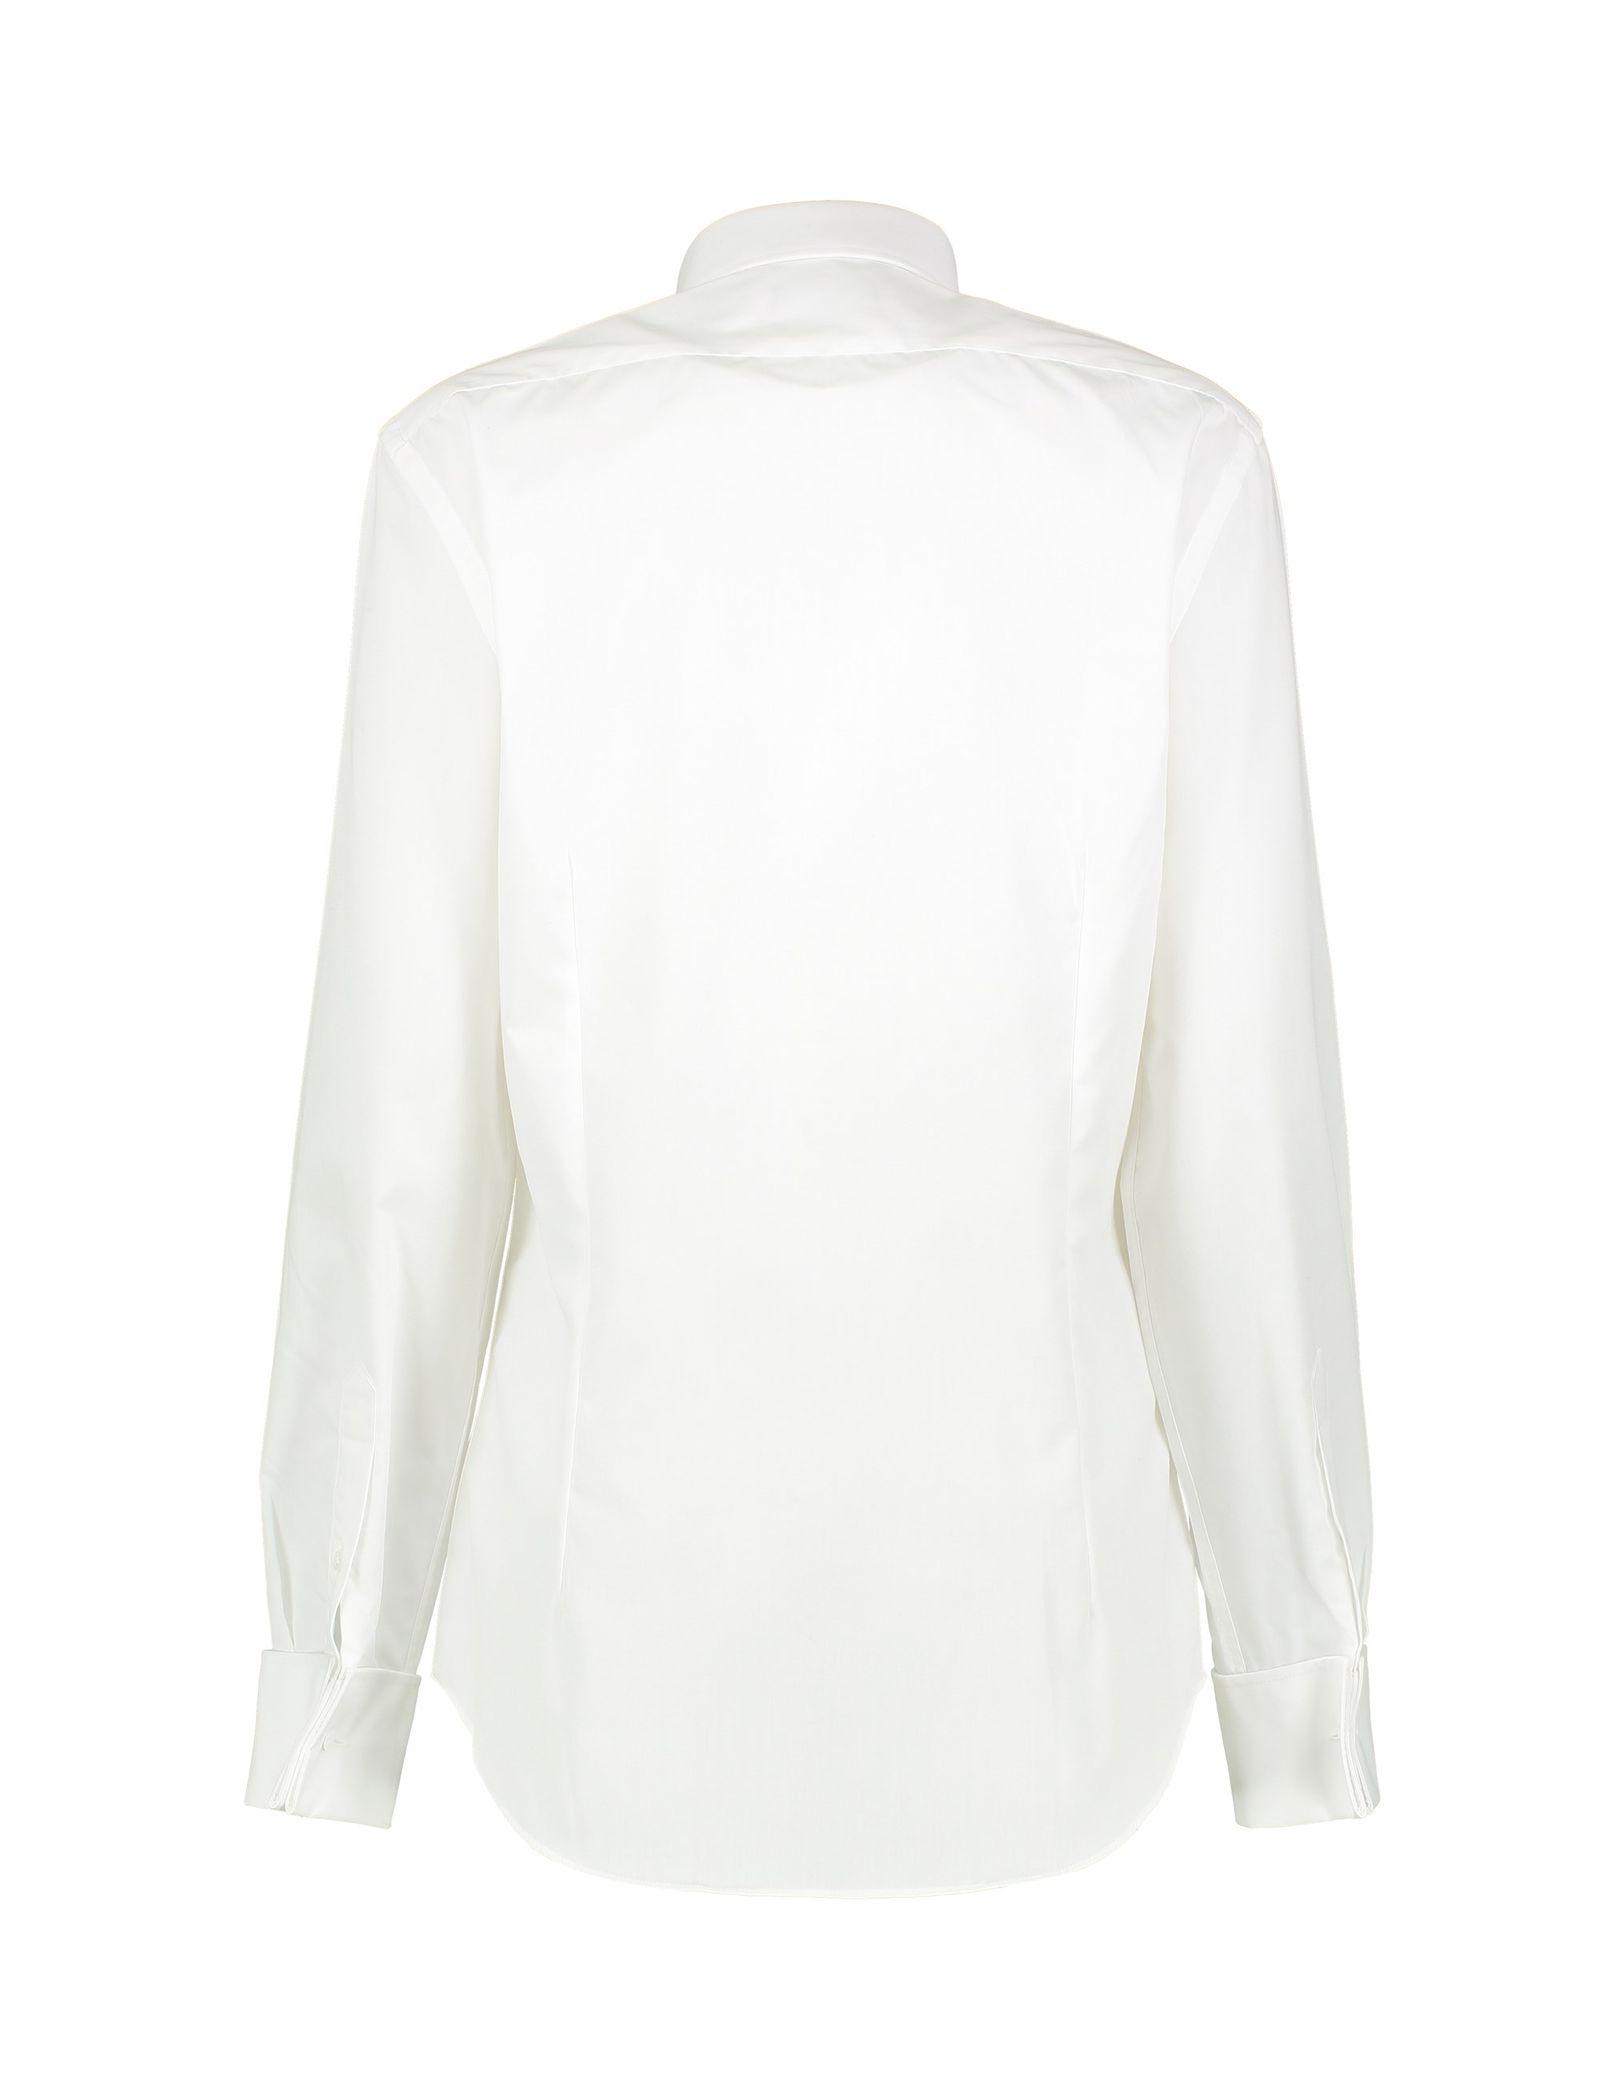 پیراهن آستین بلند مردانه - کالکشن - سفيد - 3